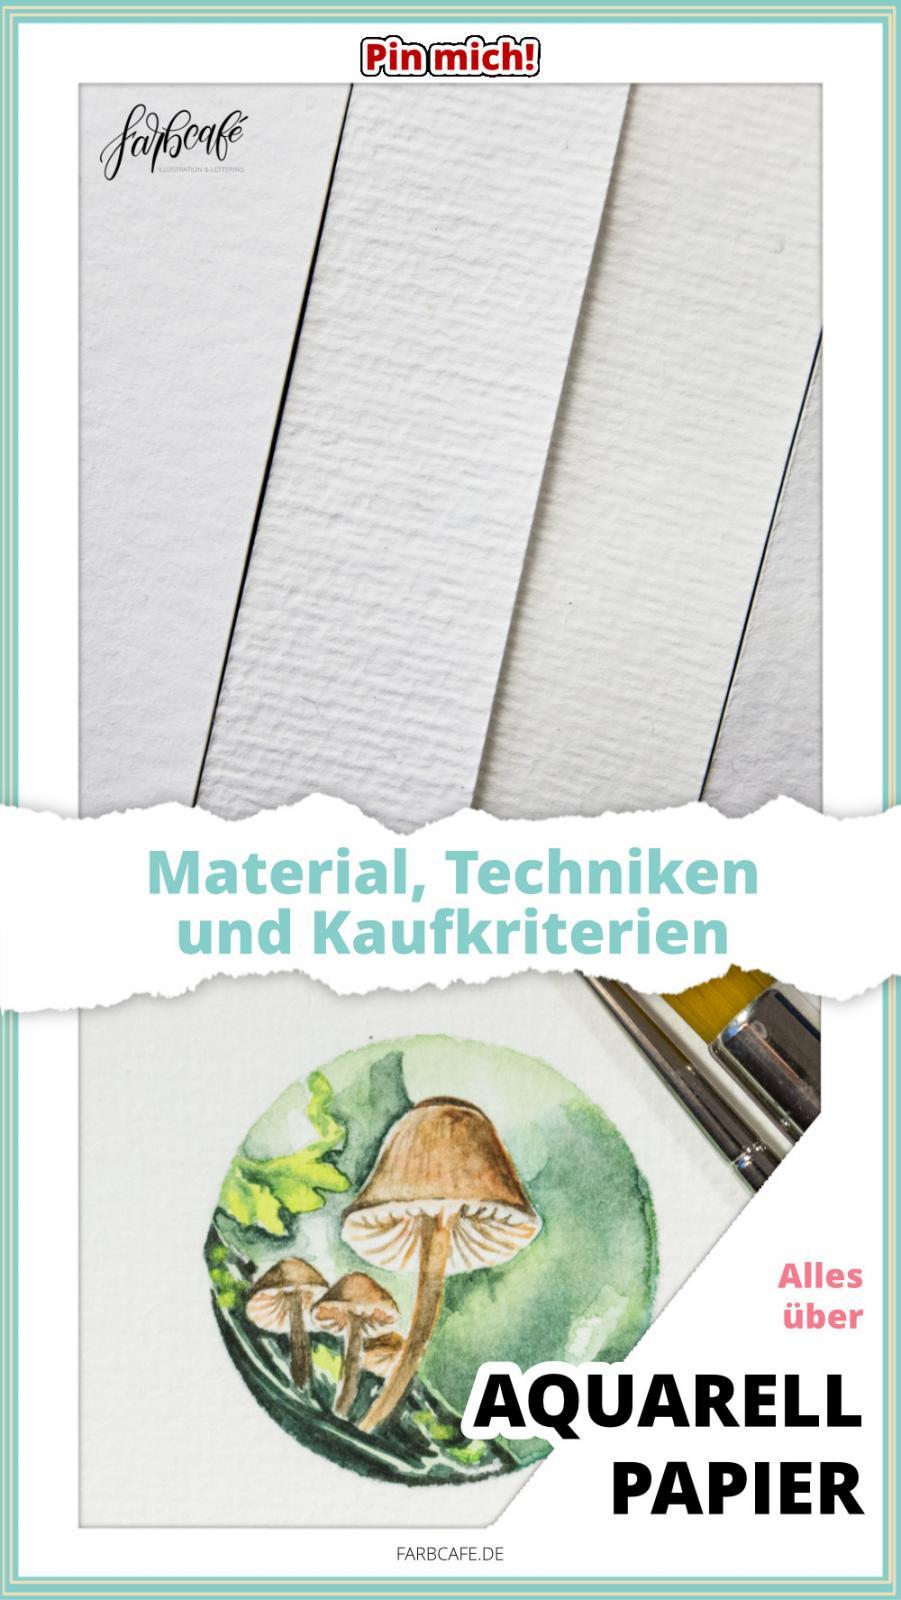 Der große Ratgeber zu #Aquarellpapier mit Materialien, Tipps, Techniken und Kaufkriterien